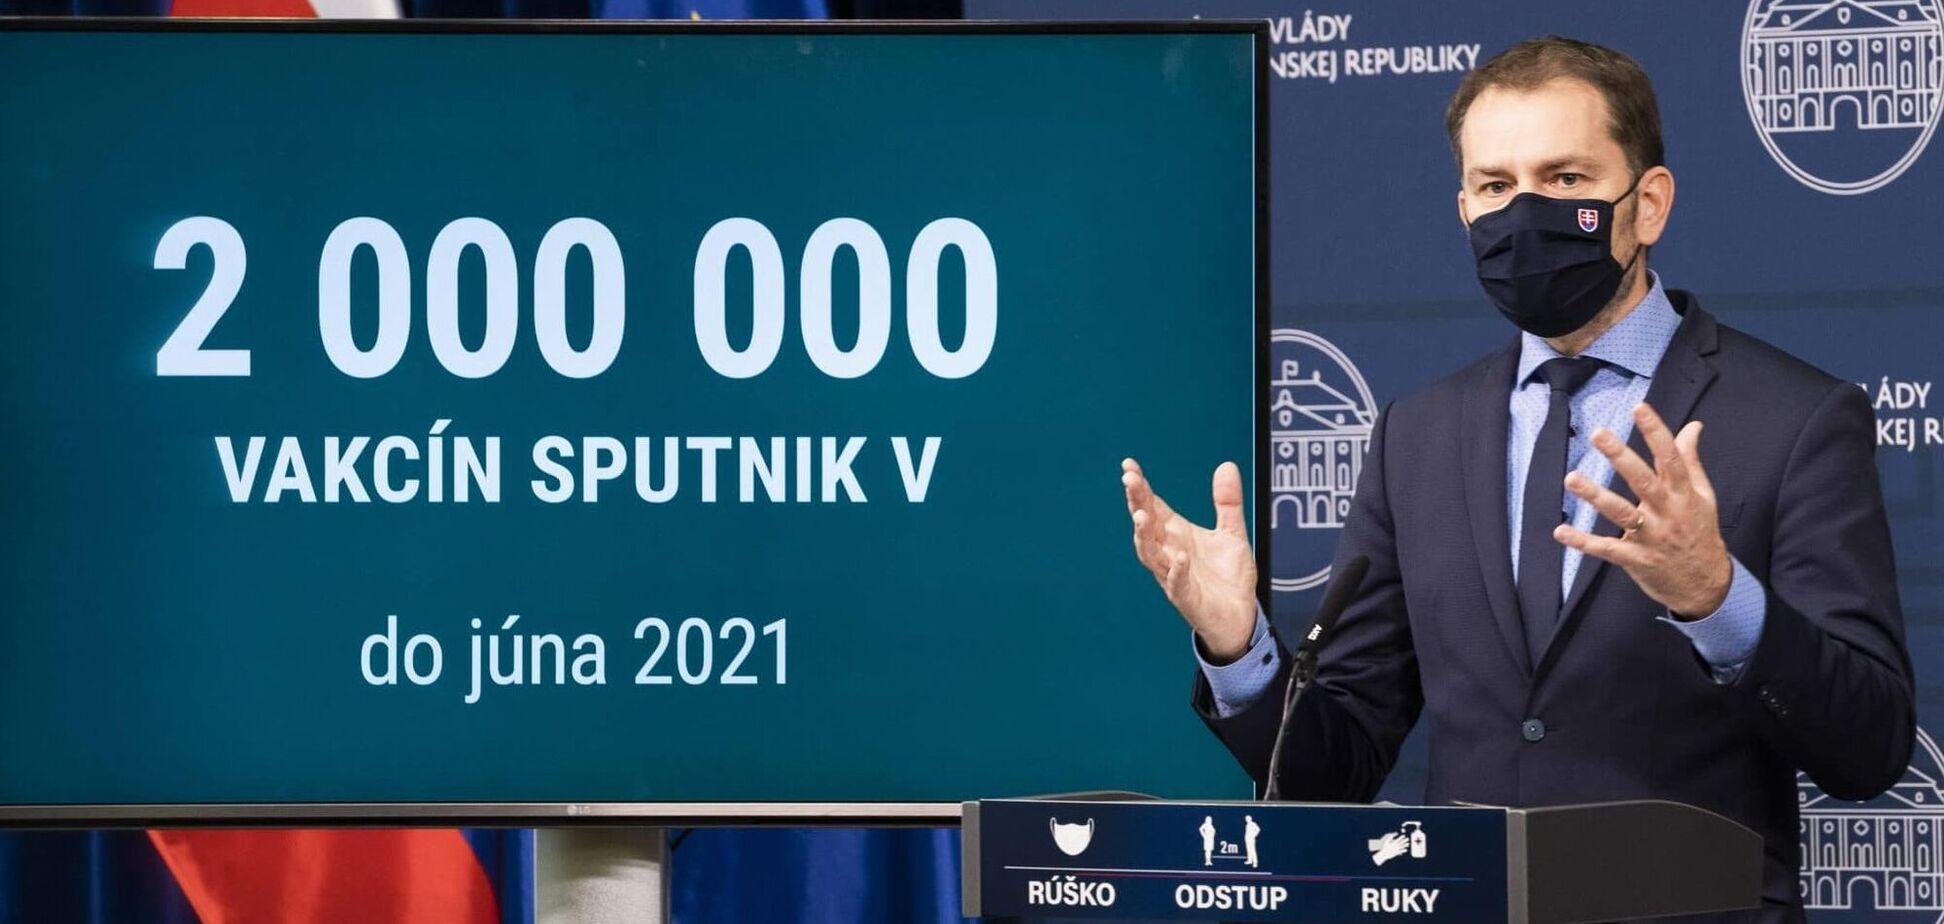 Прем'єр Словаччини 'пообіцяв' Росії Закарпаття в обмін на 'Супутник V': Україна різко відреагувала